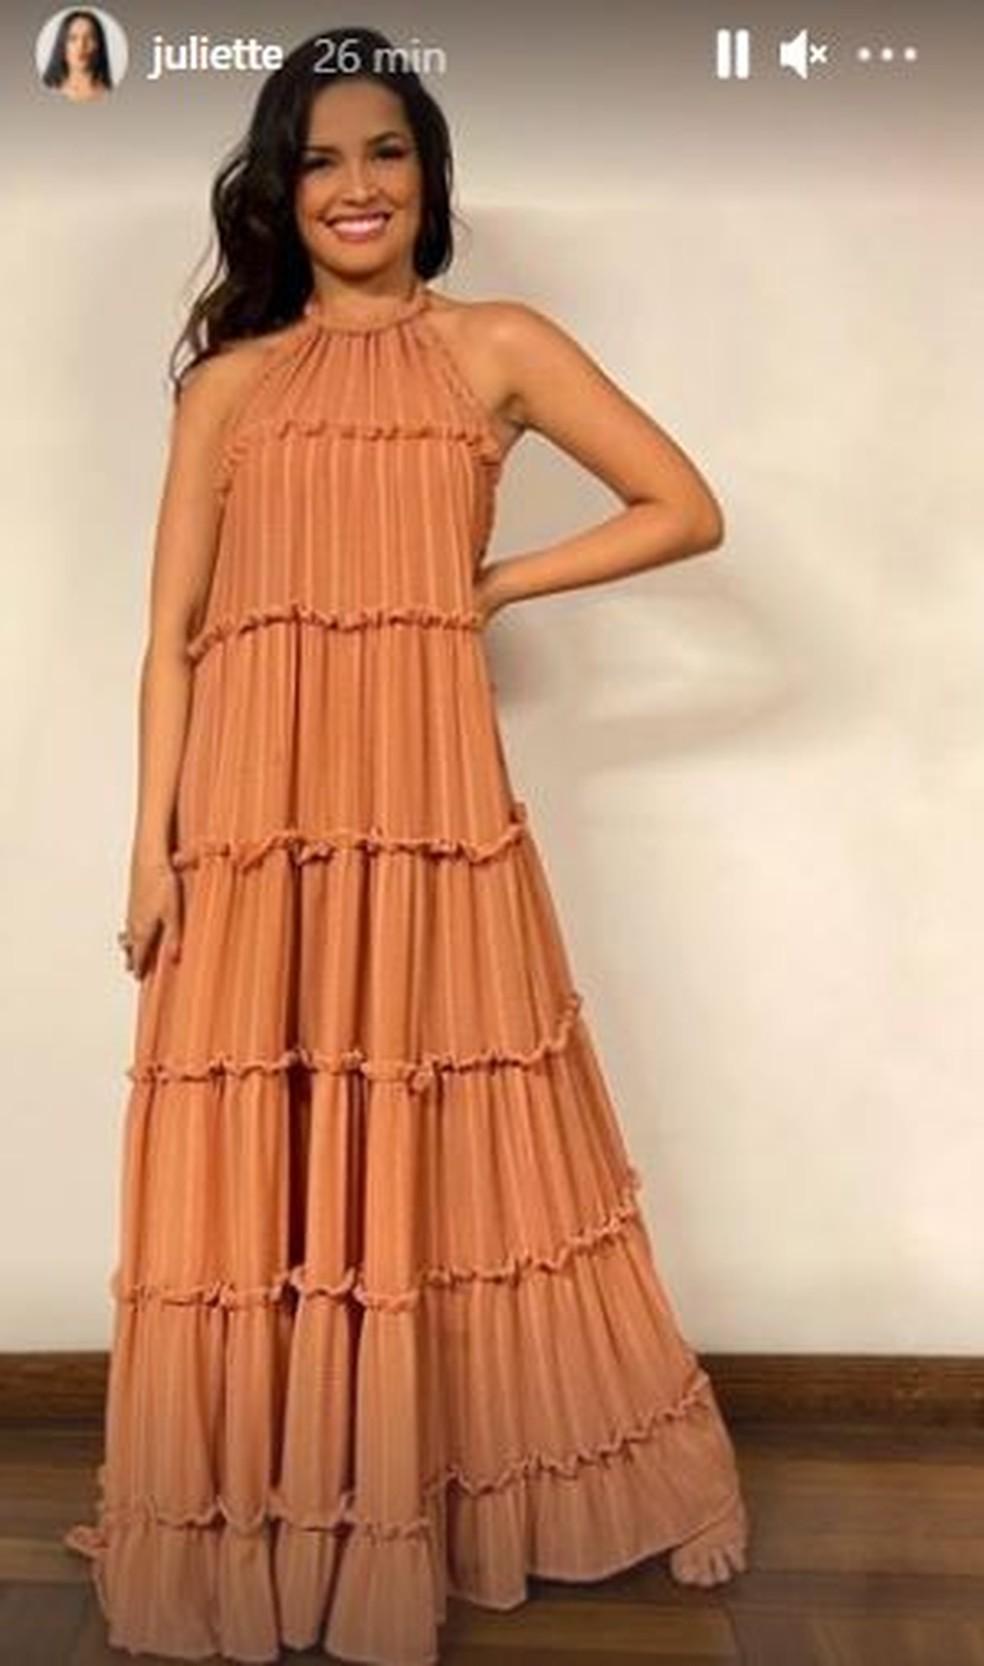 Juliette usou um vestido longo na live com Gilberto Gil — Foto: Reprodução/Instagram